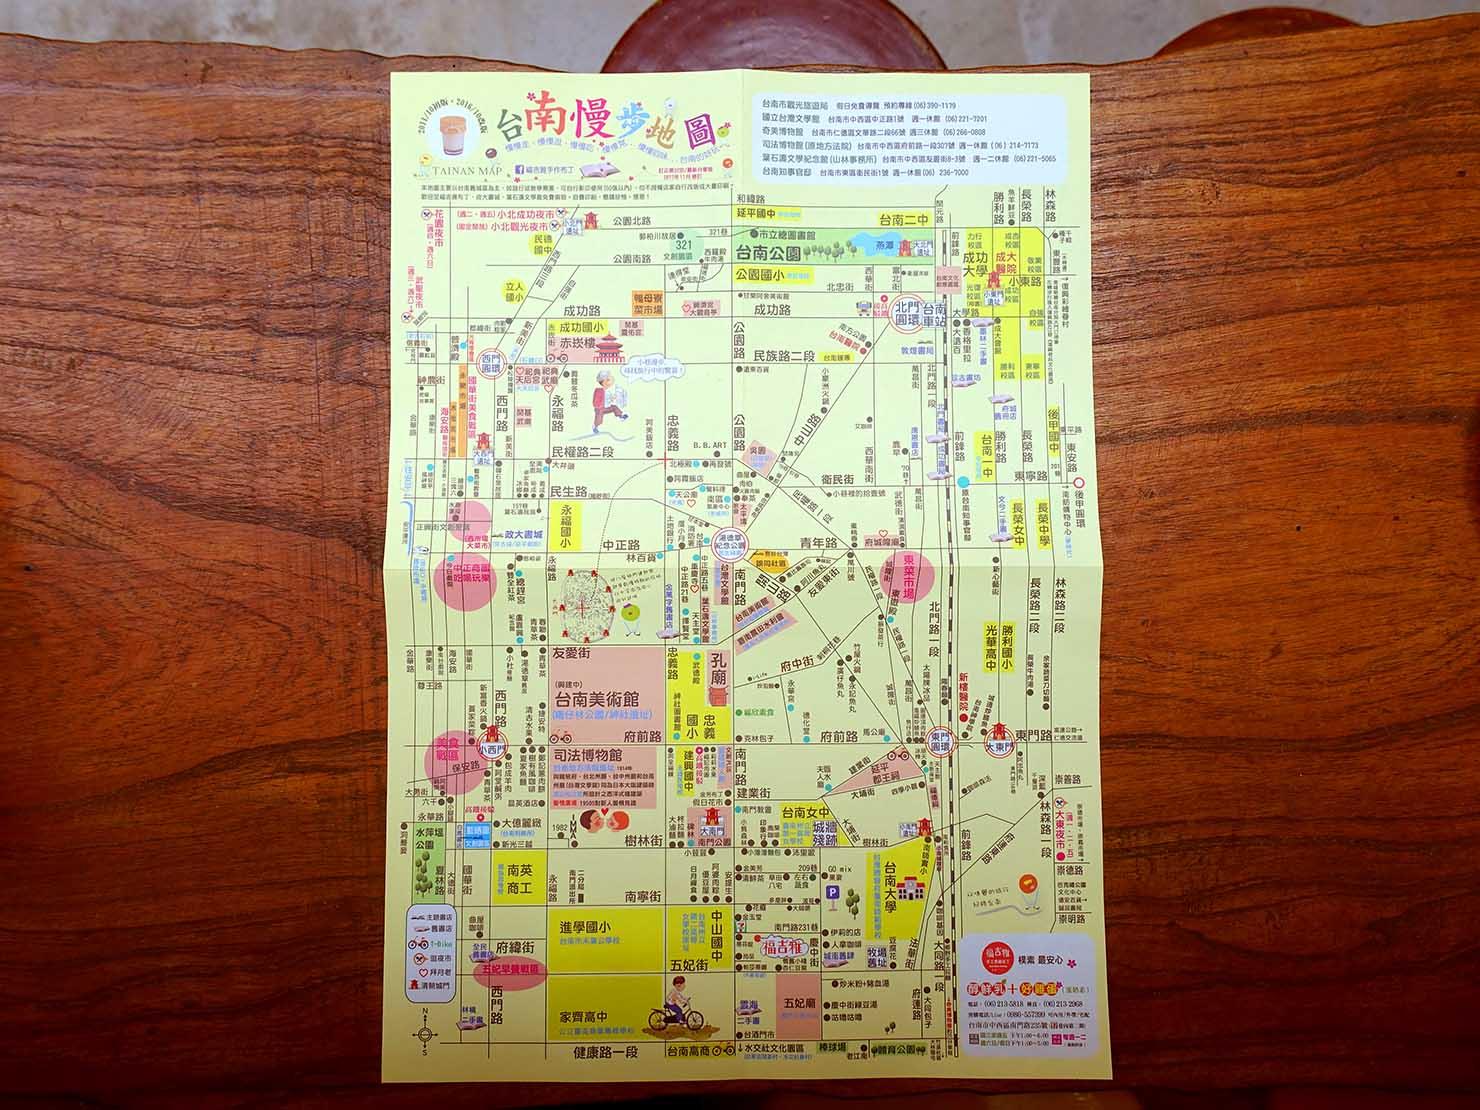 台南のおすすめ古民家ゲストハウス「永福97.1」でいただいた観光マップ